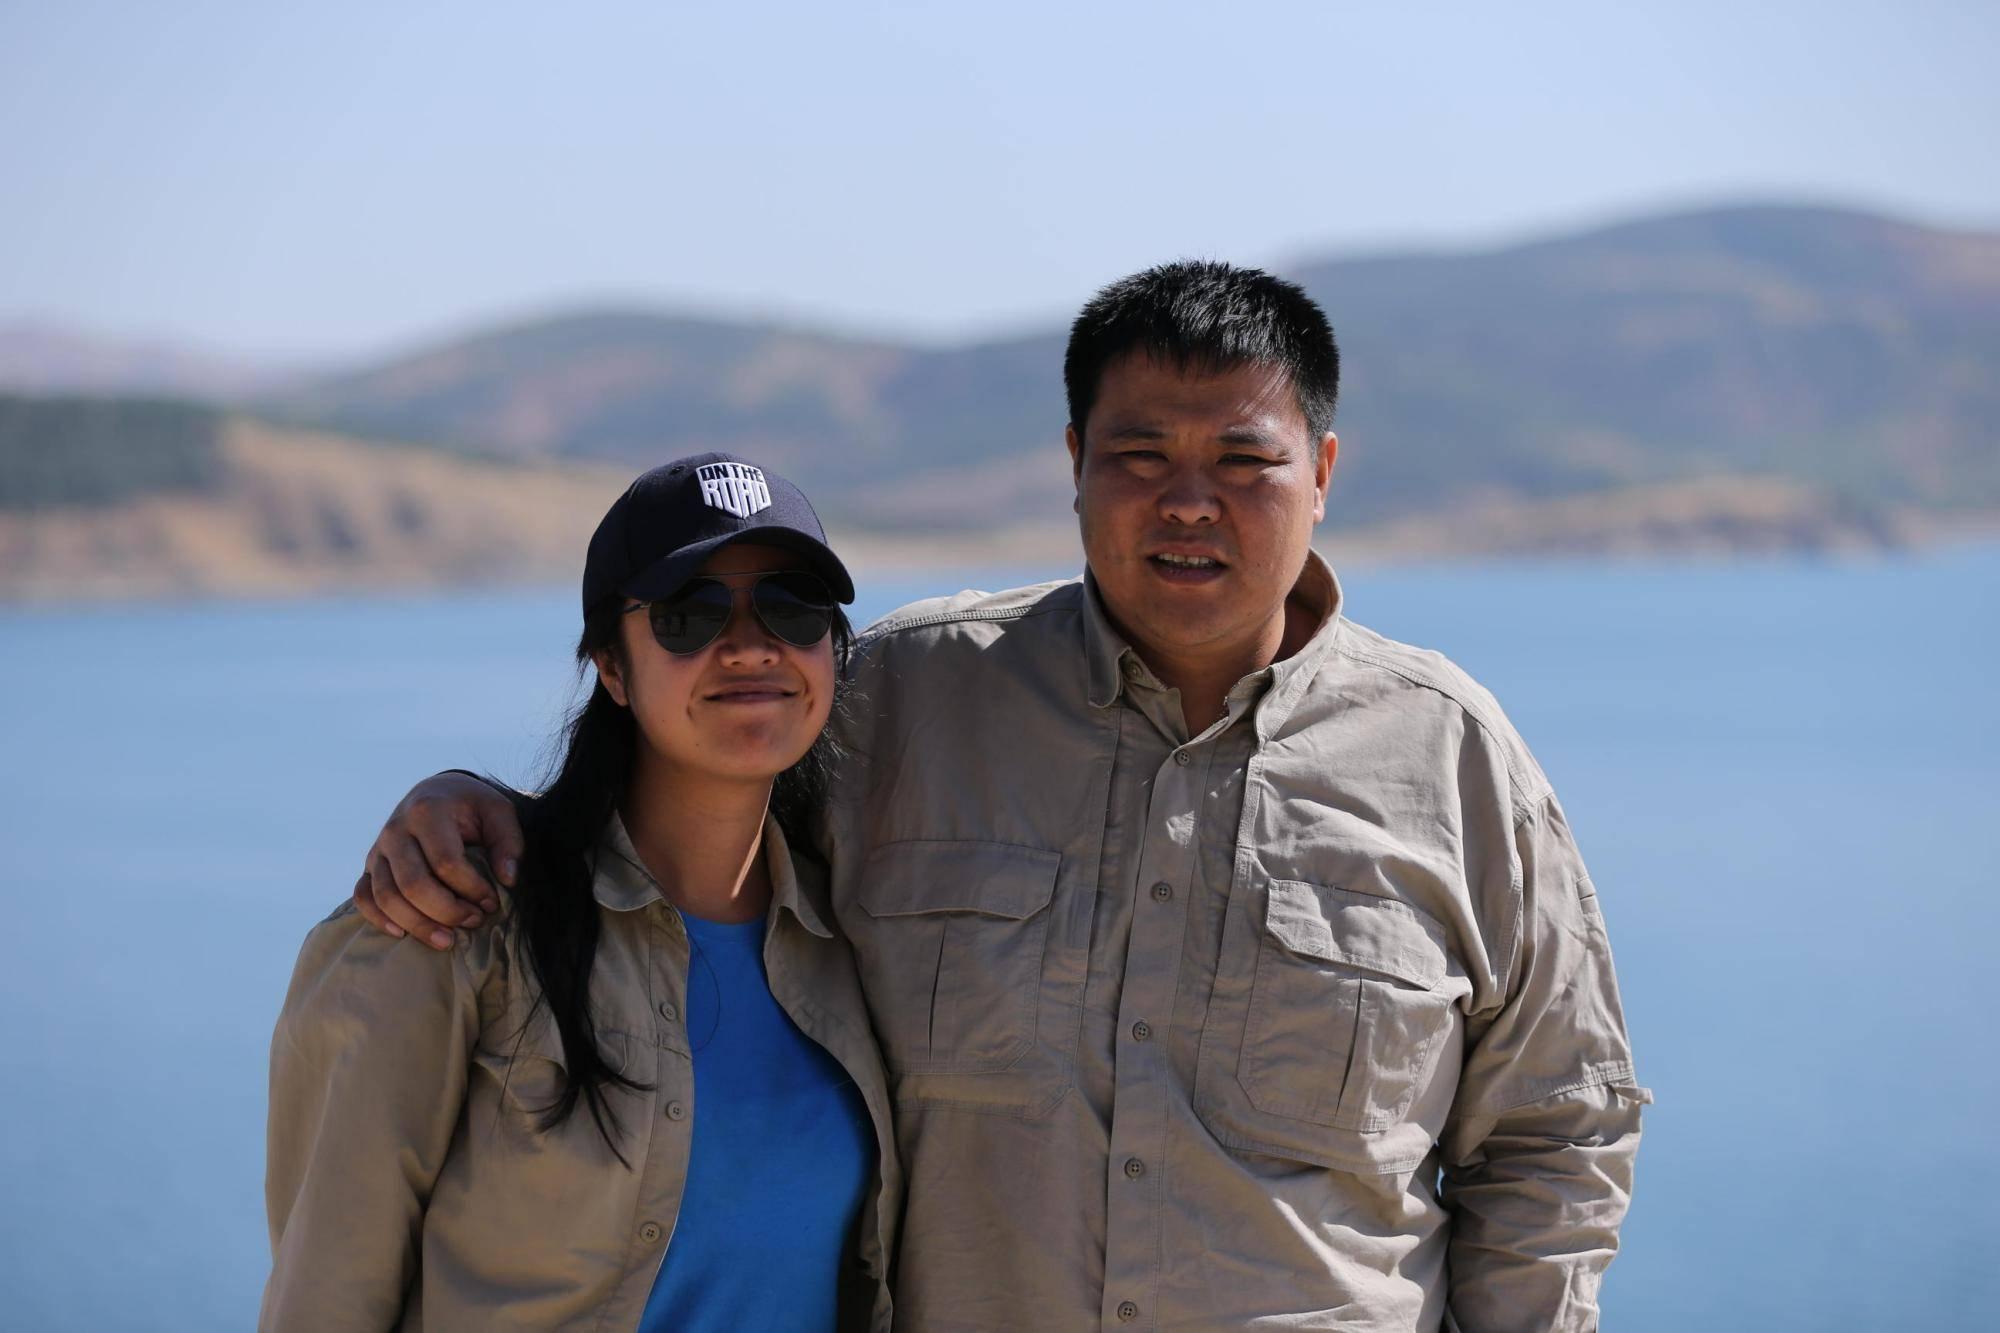 青梅竹马的70后夫妻,变卖所有家产环球旅行,回国一算反赚2亿